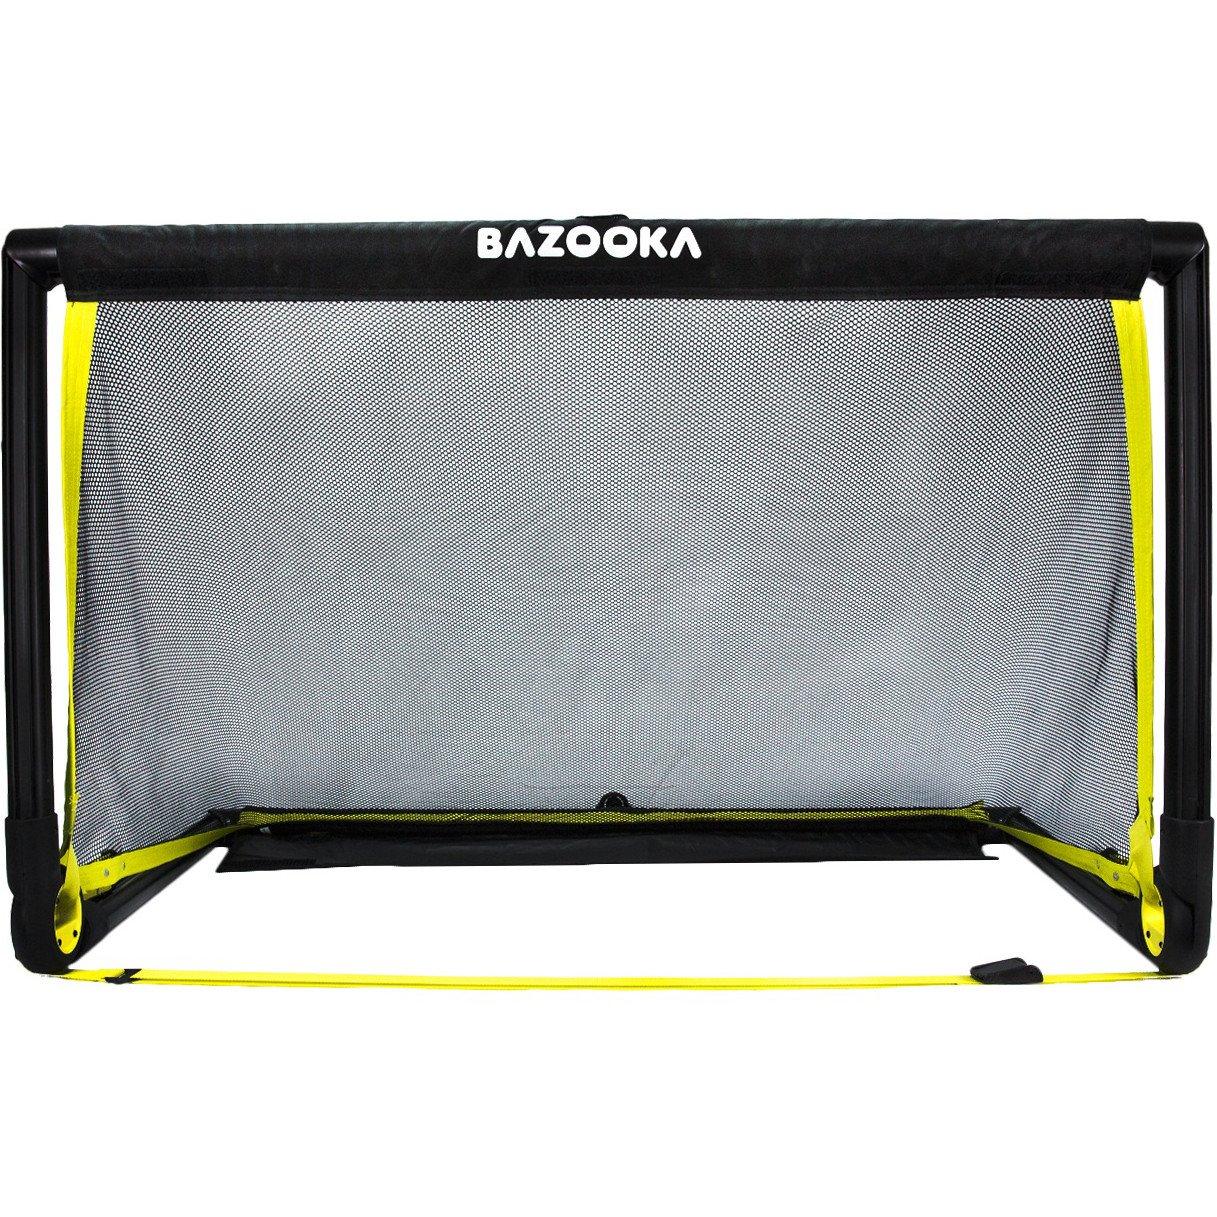 Bazookagoal V2 Zusammenklappbares Tor, robustes Gehäuse, Einheitsgröße, Schwarz kaufen